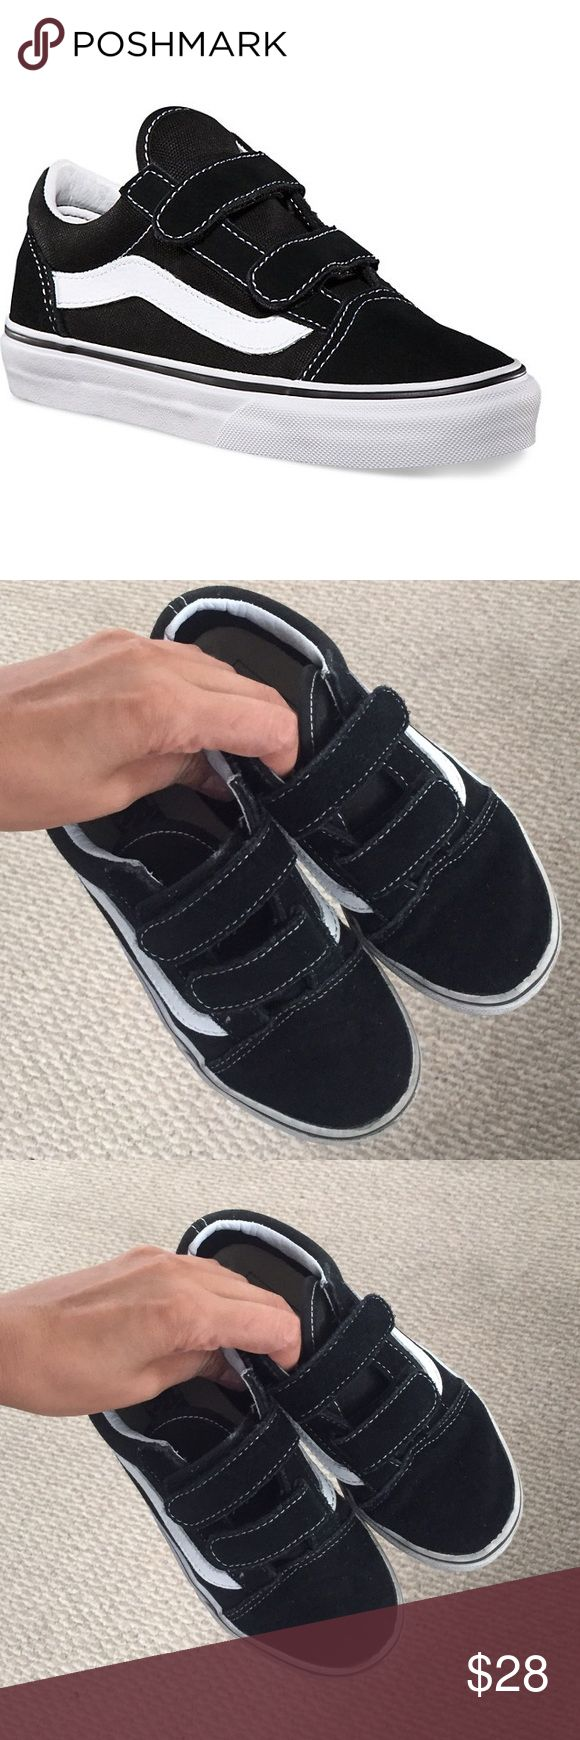 Black vans for kids Size 1.5 excellent condition Vans Shoes Sneakers